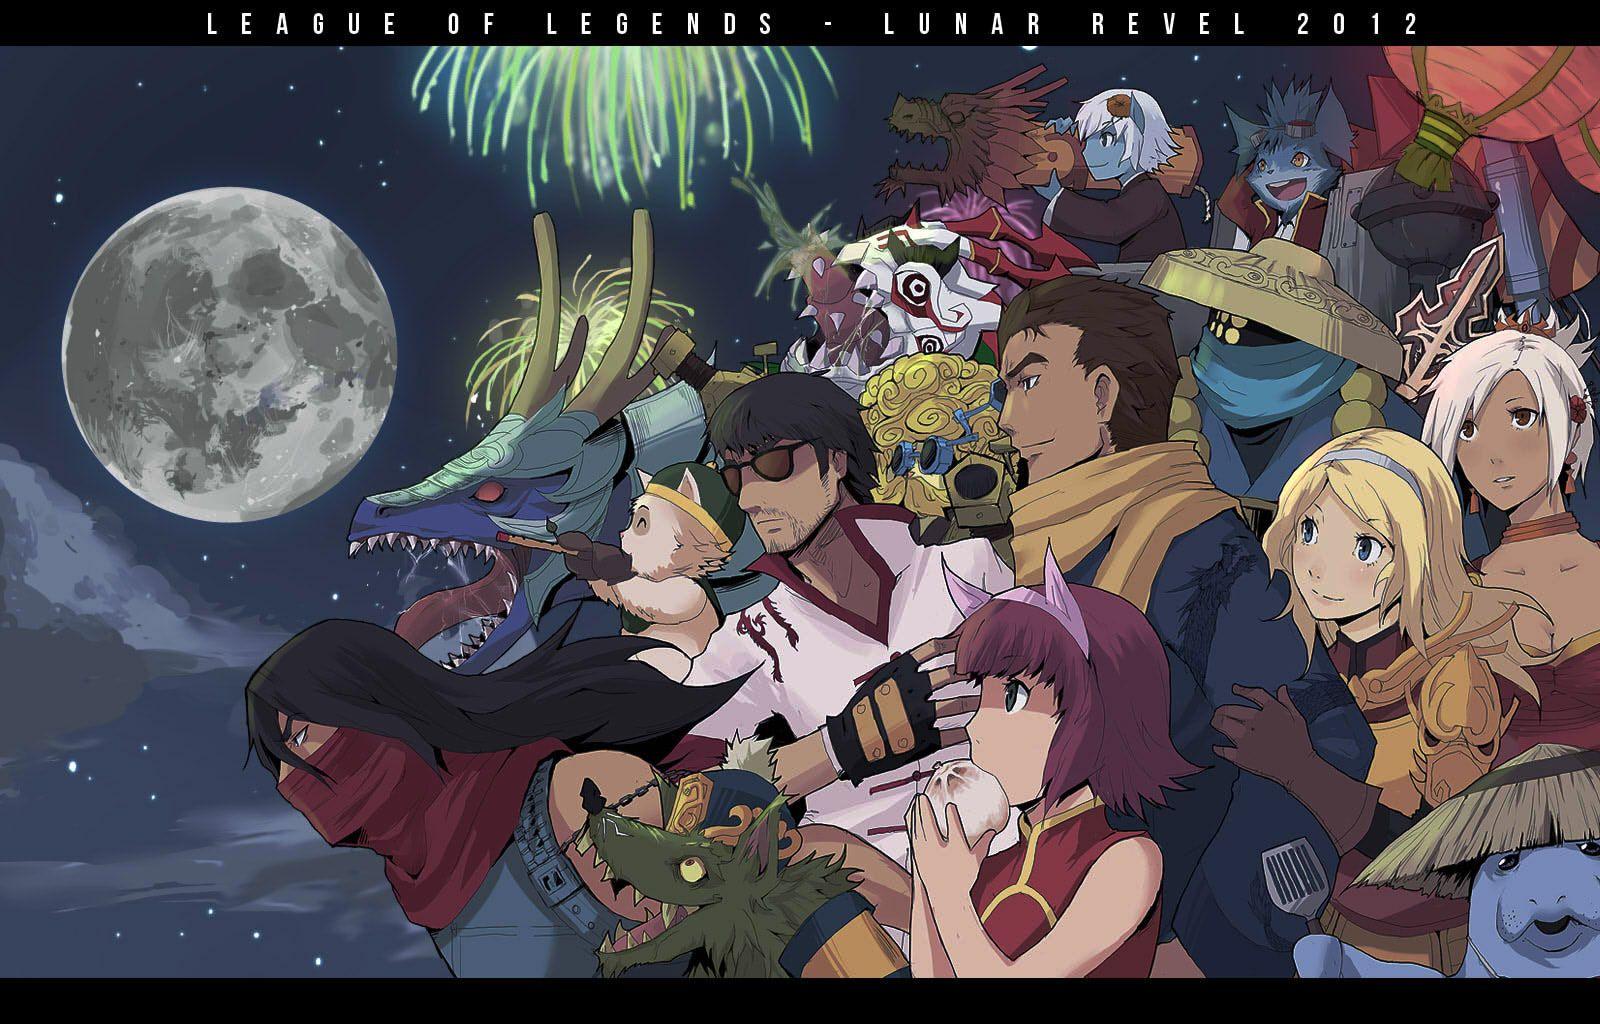 Lunar Revel League of legends, League of legends memes